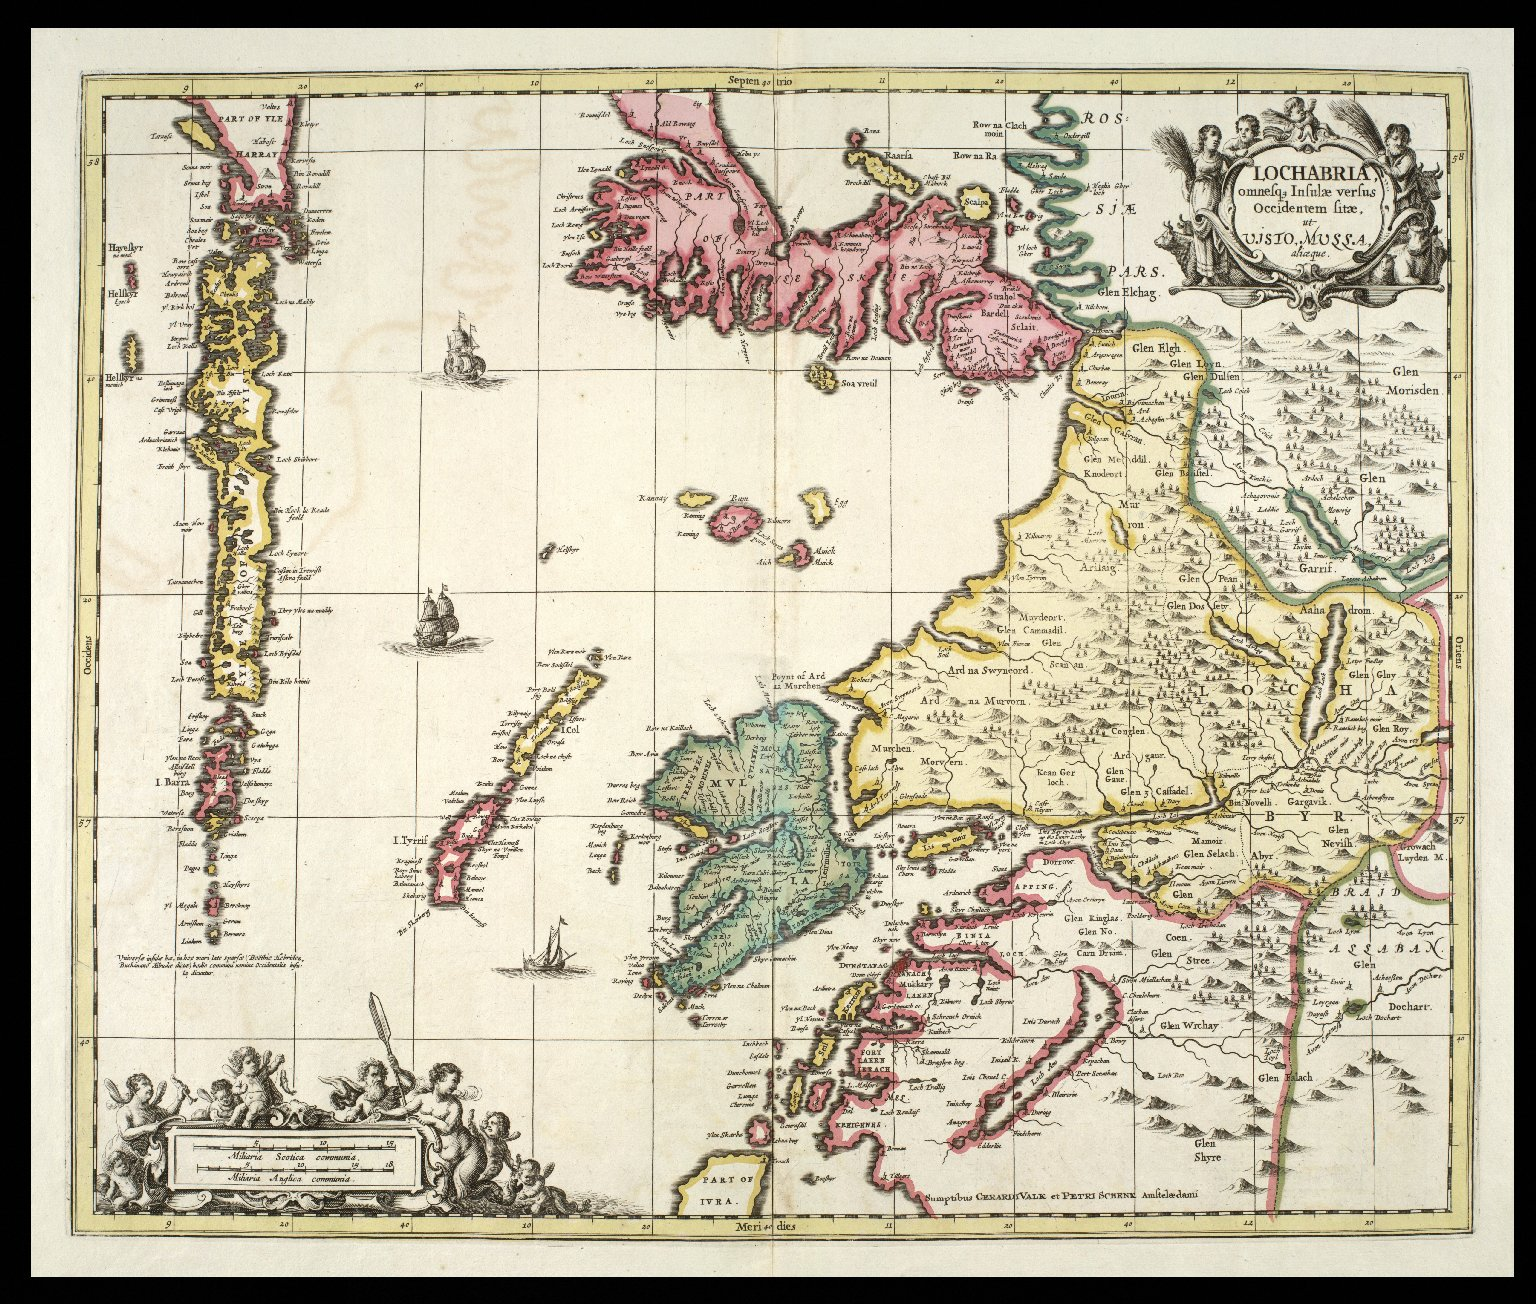 Lochabria, omnesq insulae versus occidentem sitae, ut Uisto, Mulla, aliceque. [1 of 1]